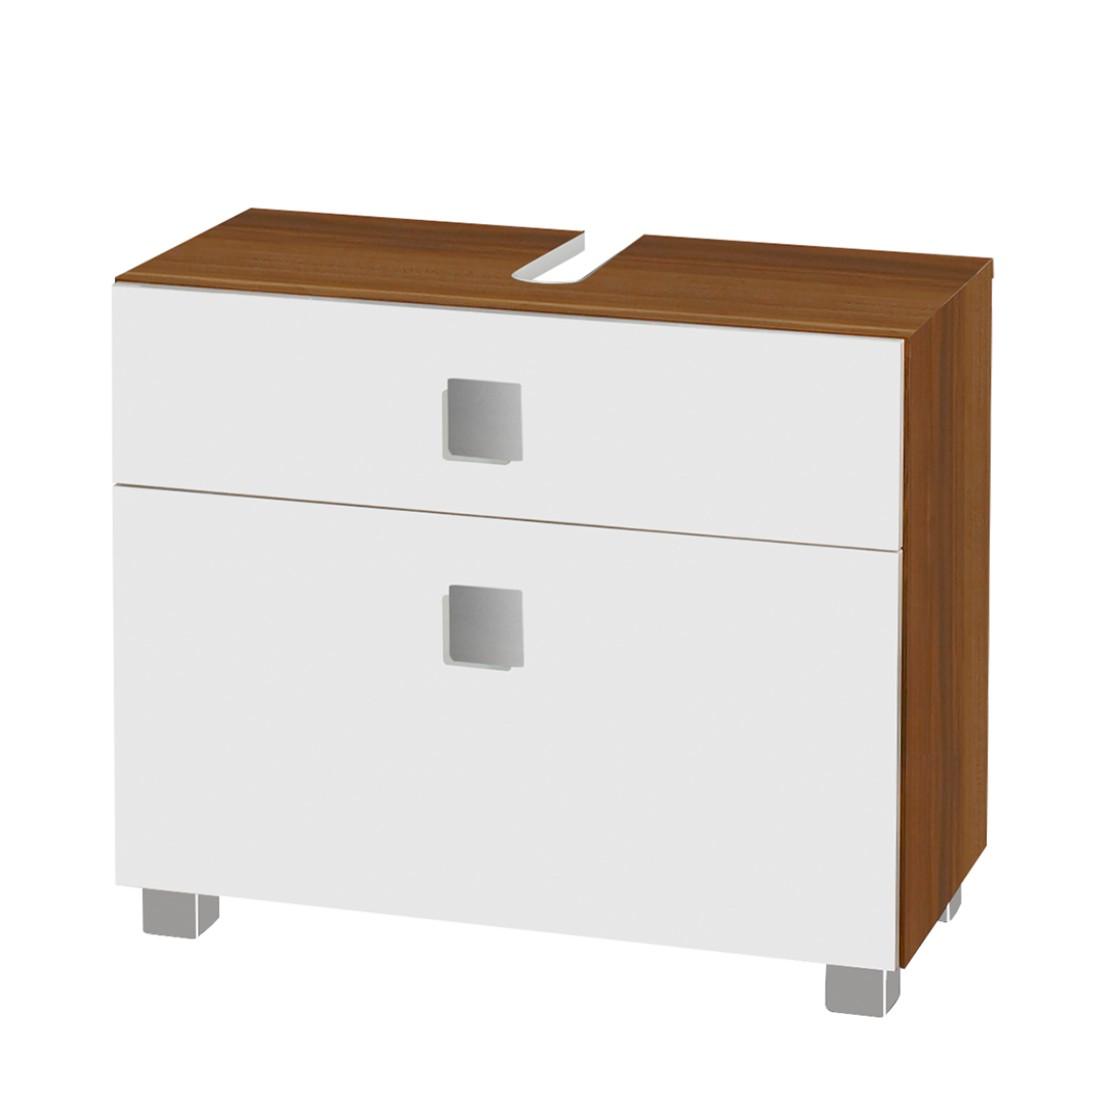 waschbeckenunterschrank genf wei glanz kernnussbaum. Black Bedroom Furniture Sets. Home Design Ideas